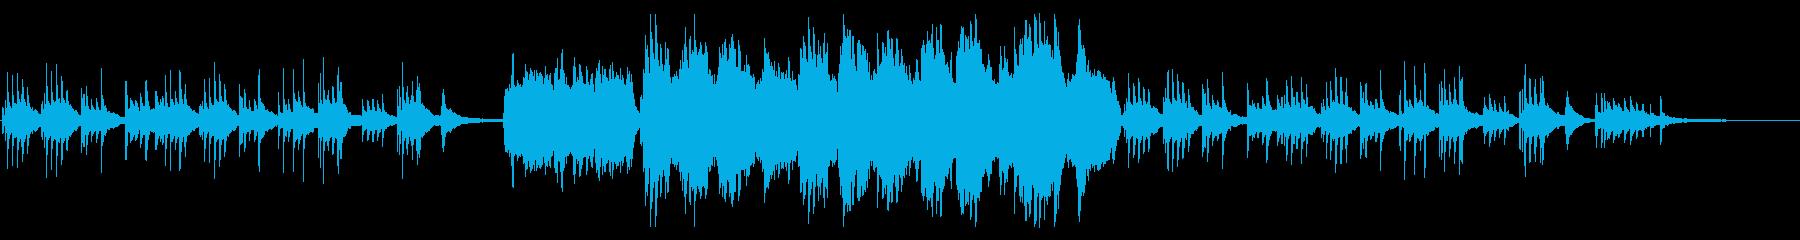 クリスマス感のあるピアノメインのバラードの再生済みの波形